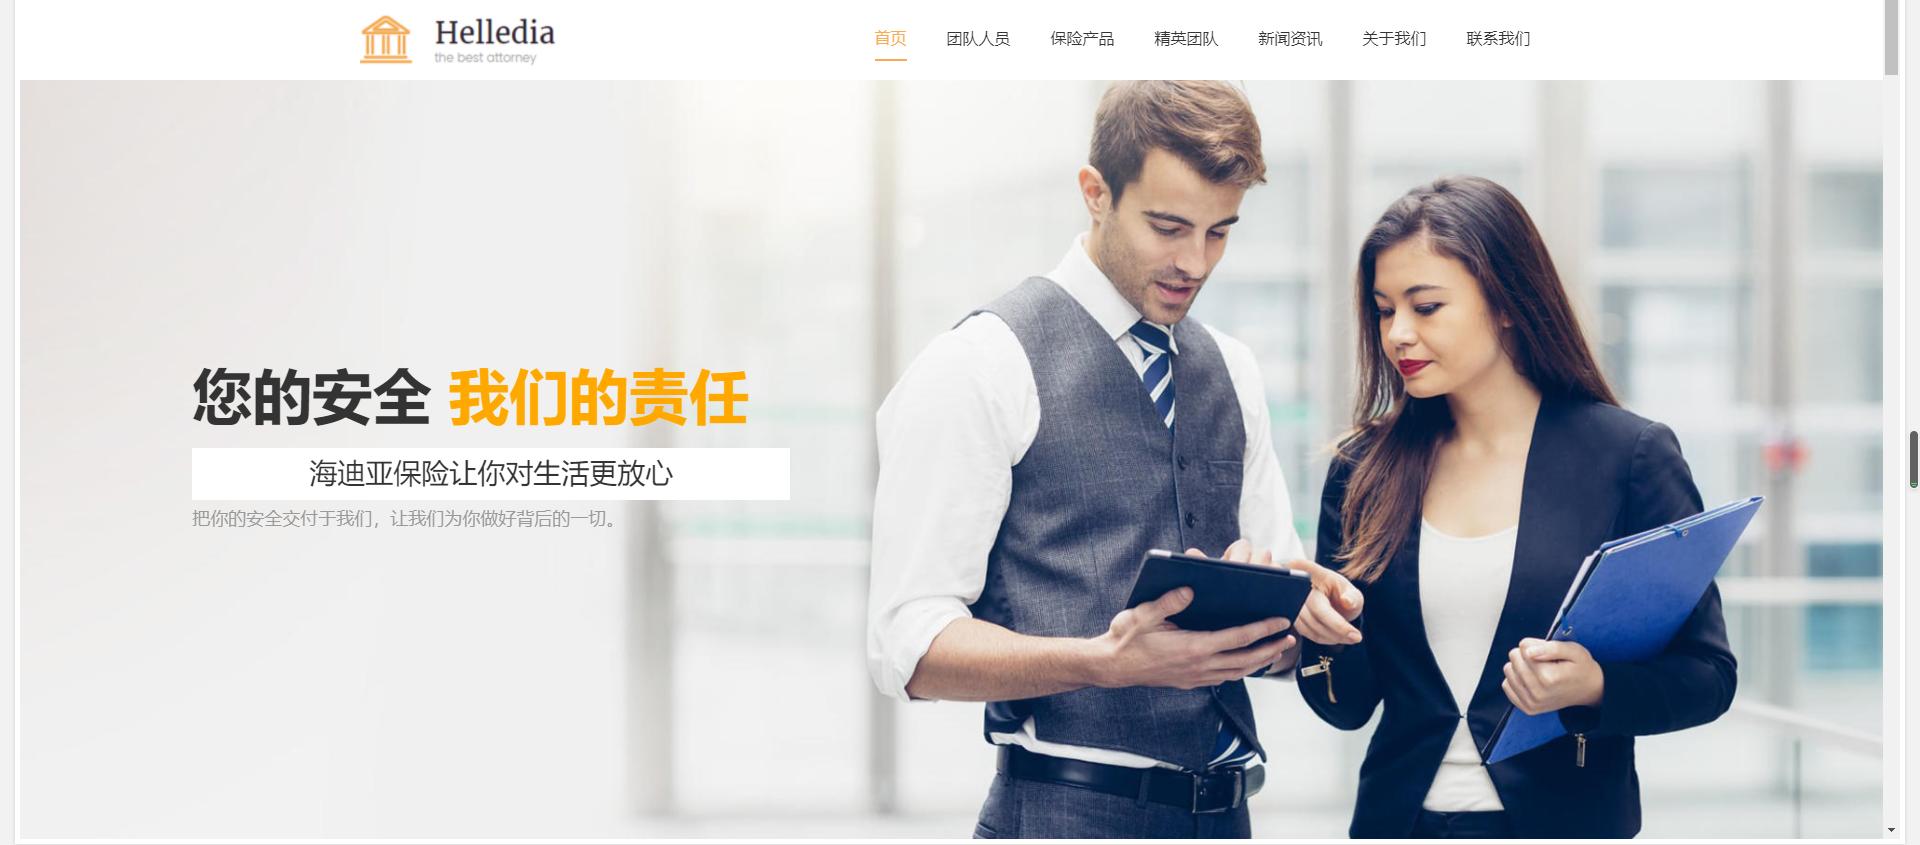 教育网站公司企业网站网页定制设计开发制作建设电脑手机前端后台